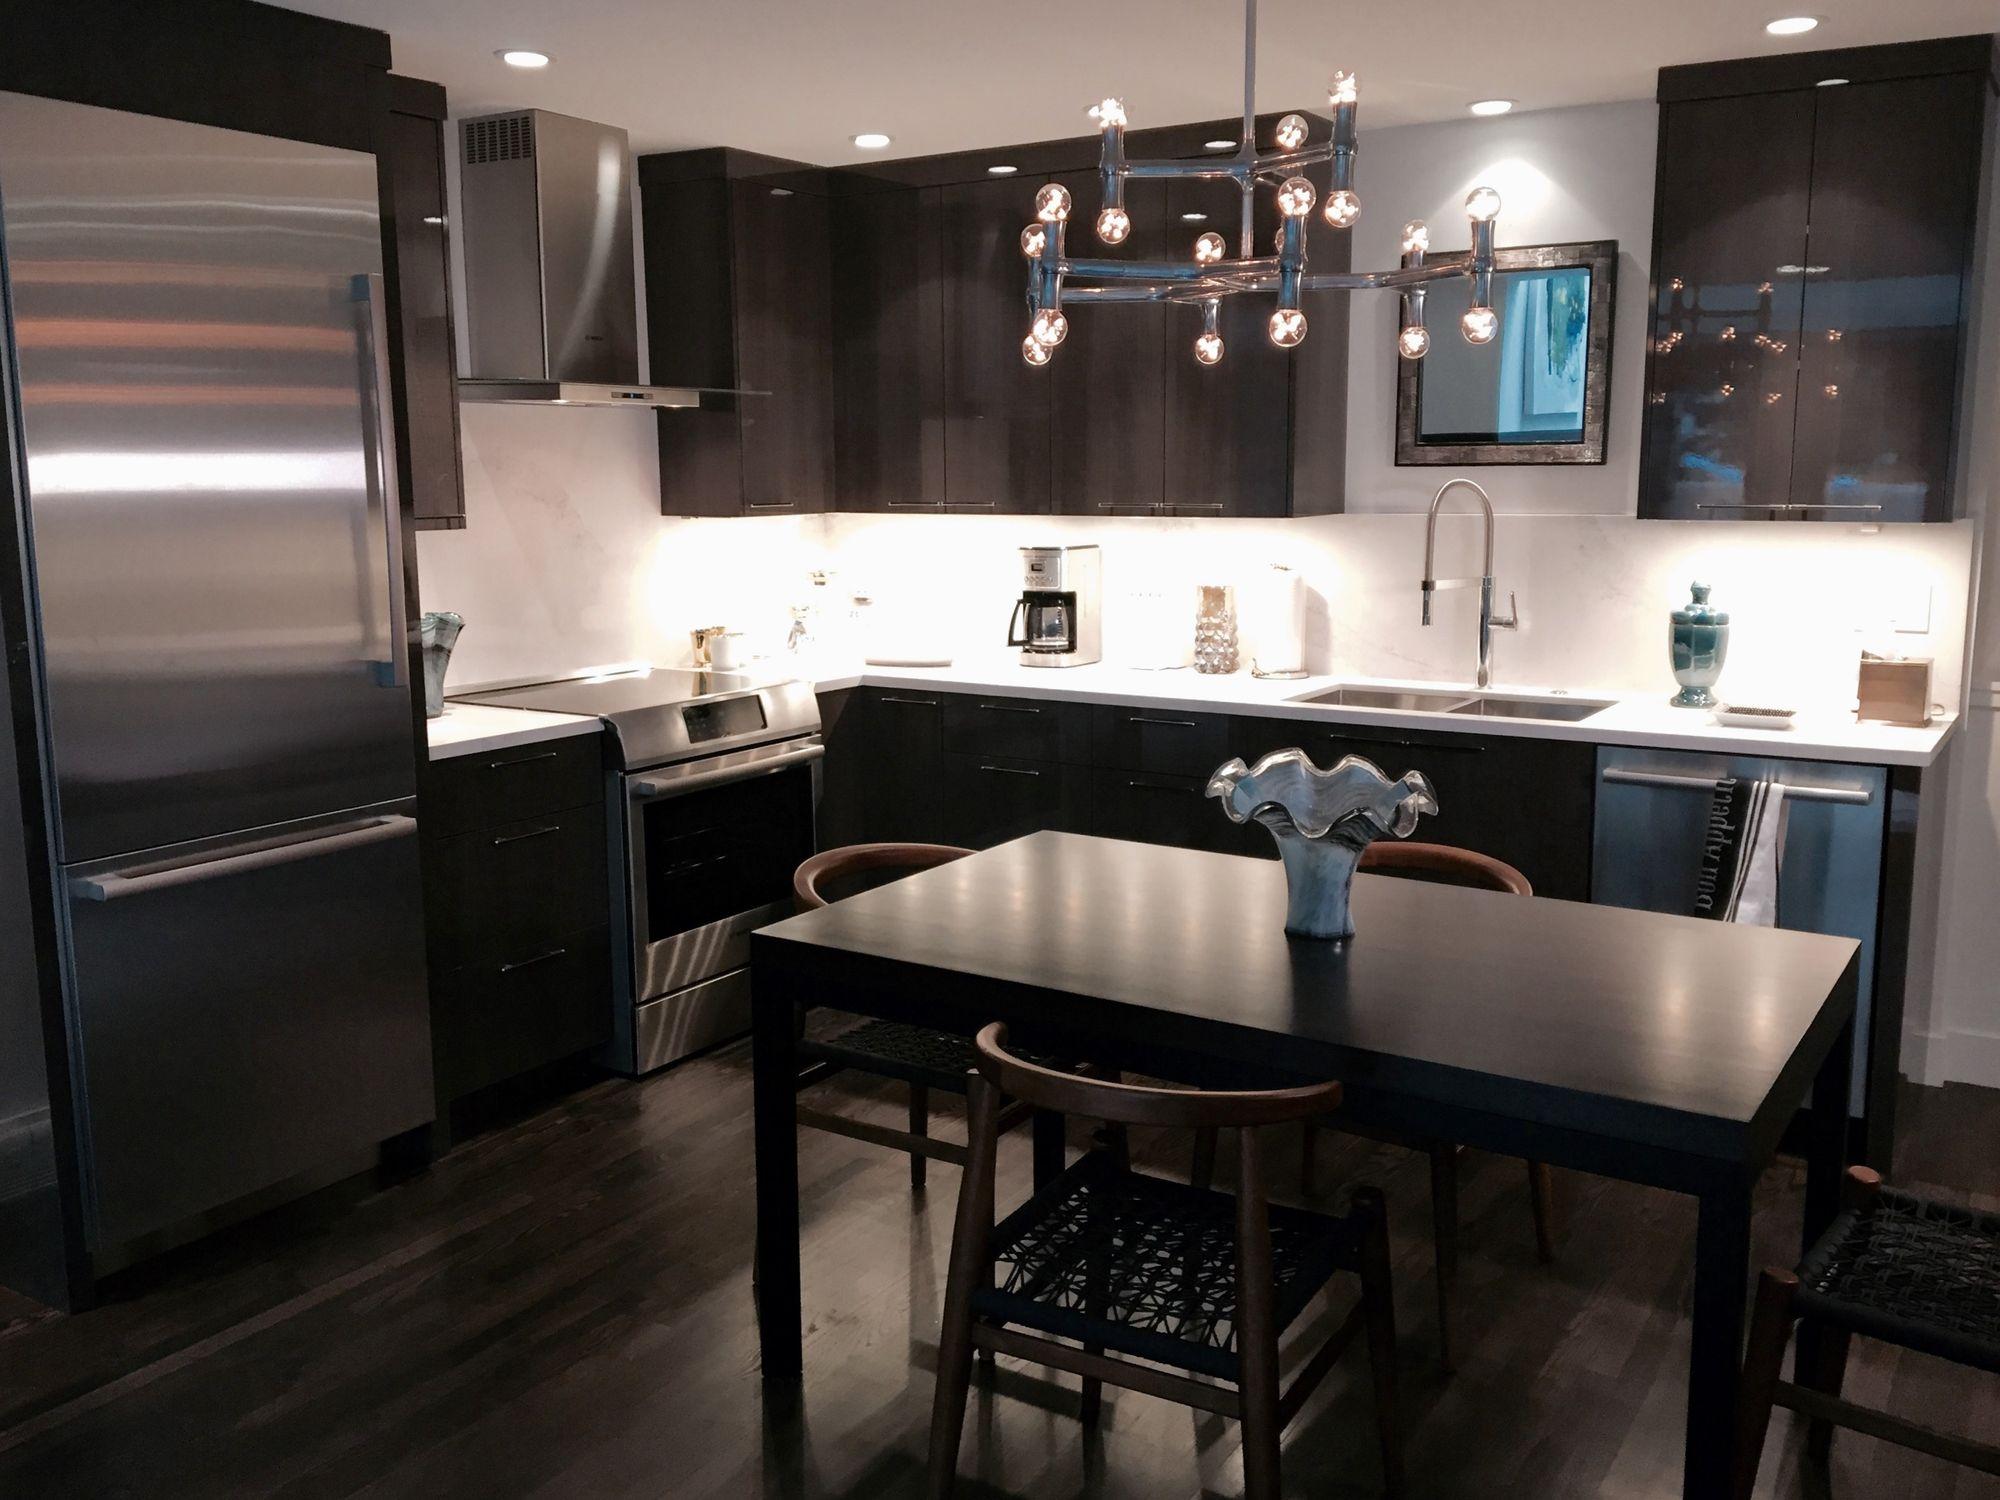 324 W Hopkins kitchen.jpg